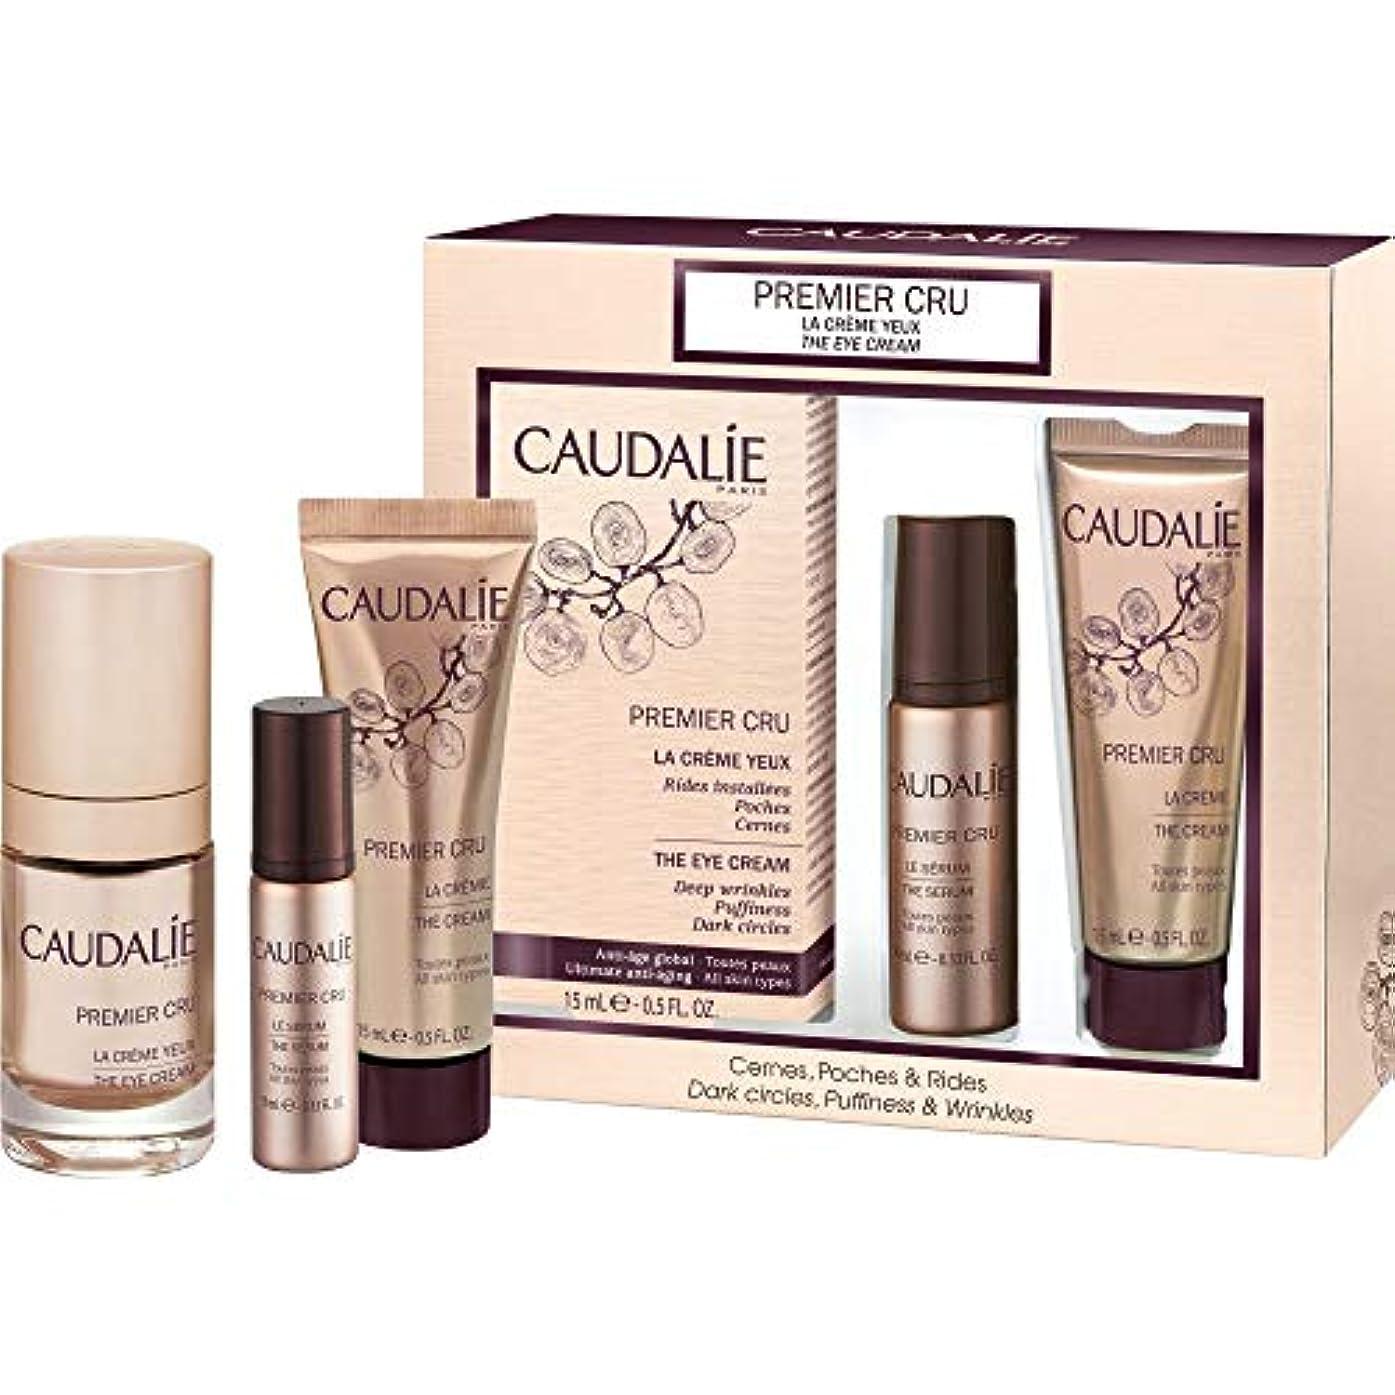 入植者ここにケージ[Caudalie] コーダリープレミアは、アイクリーム15ミリリットルのギフトセットをCru - Caudalie Premier Cru The Eye Cream 15ml Gift Set [並行輸入品]